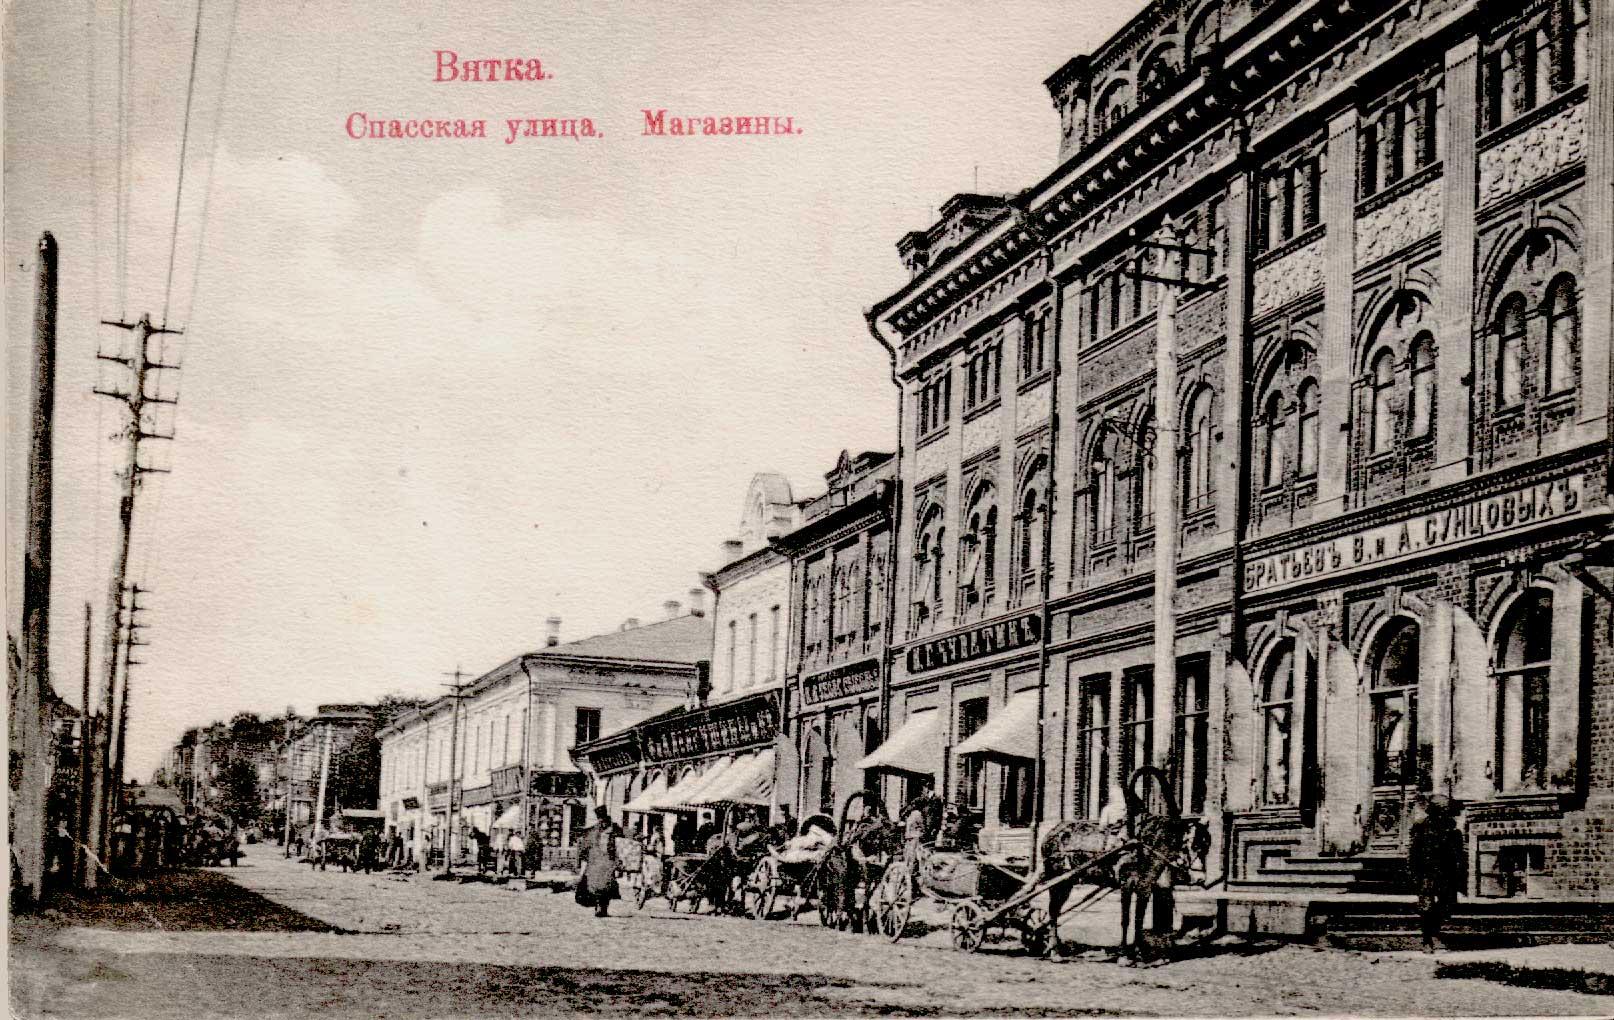 Спасская улица. Магазин братьев Сунцовых